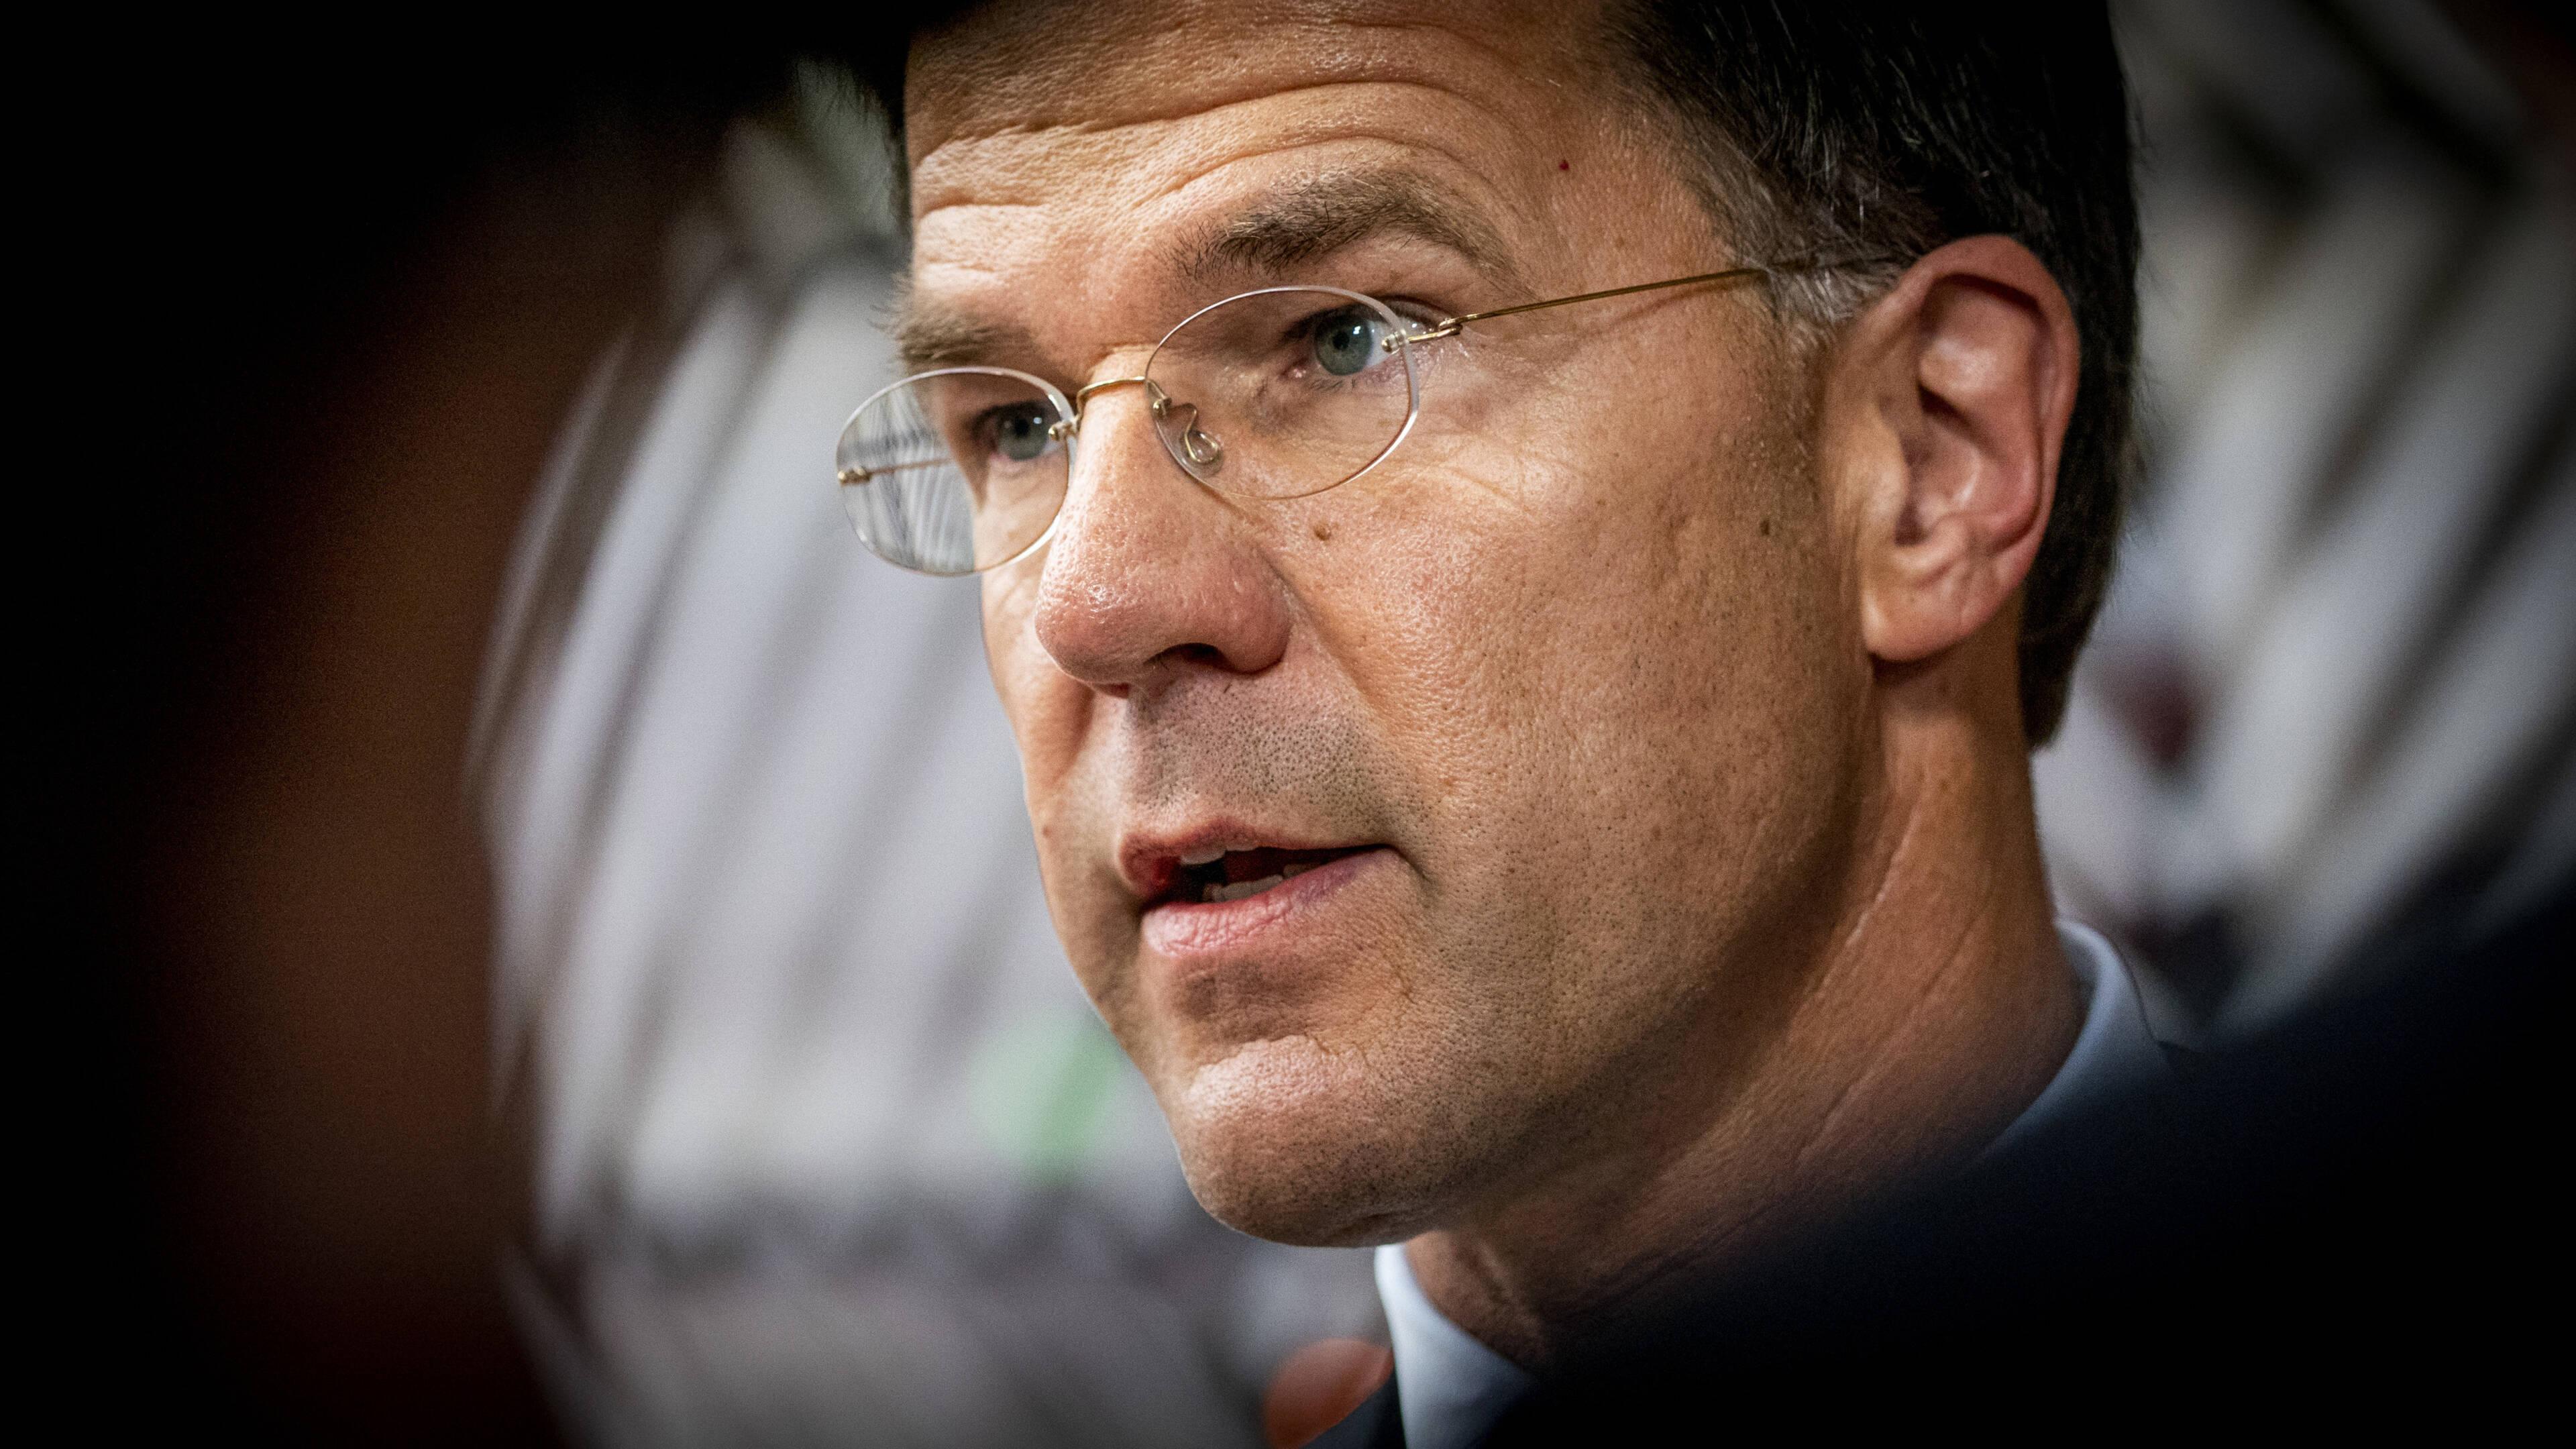 Wordt Mark Rutte binnenkort (psyop) doodgeschoten door een complotdenker?